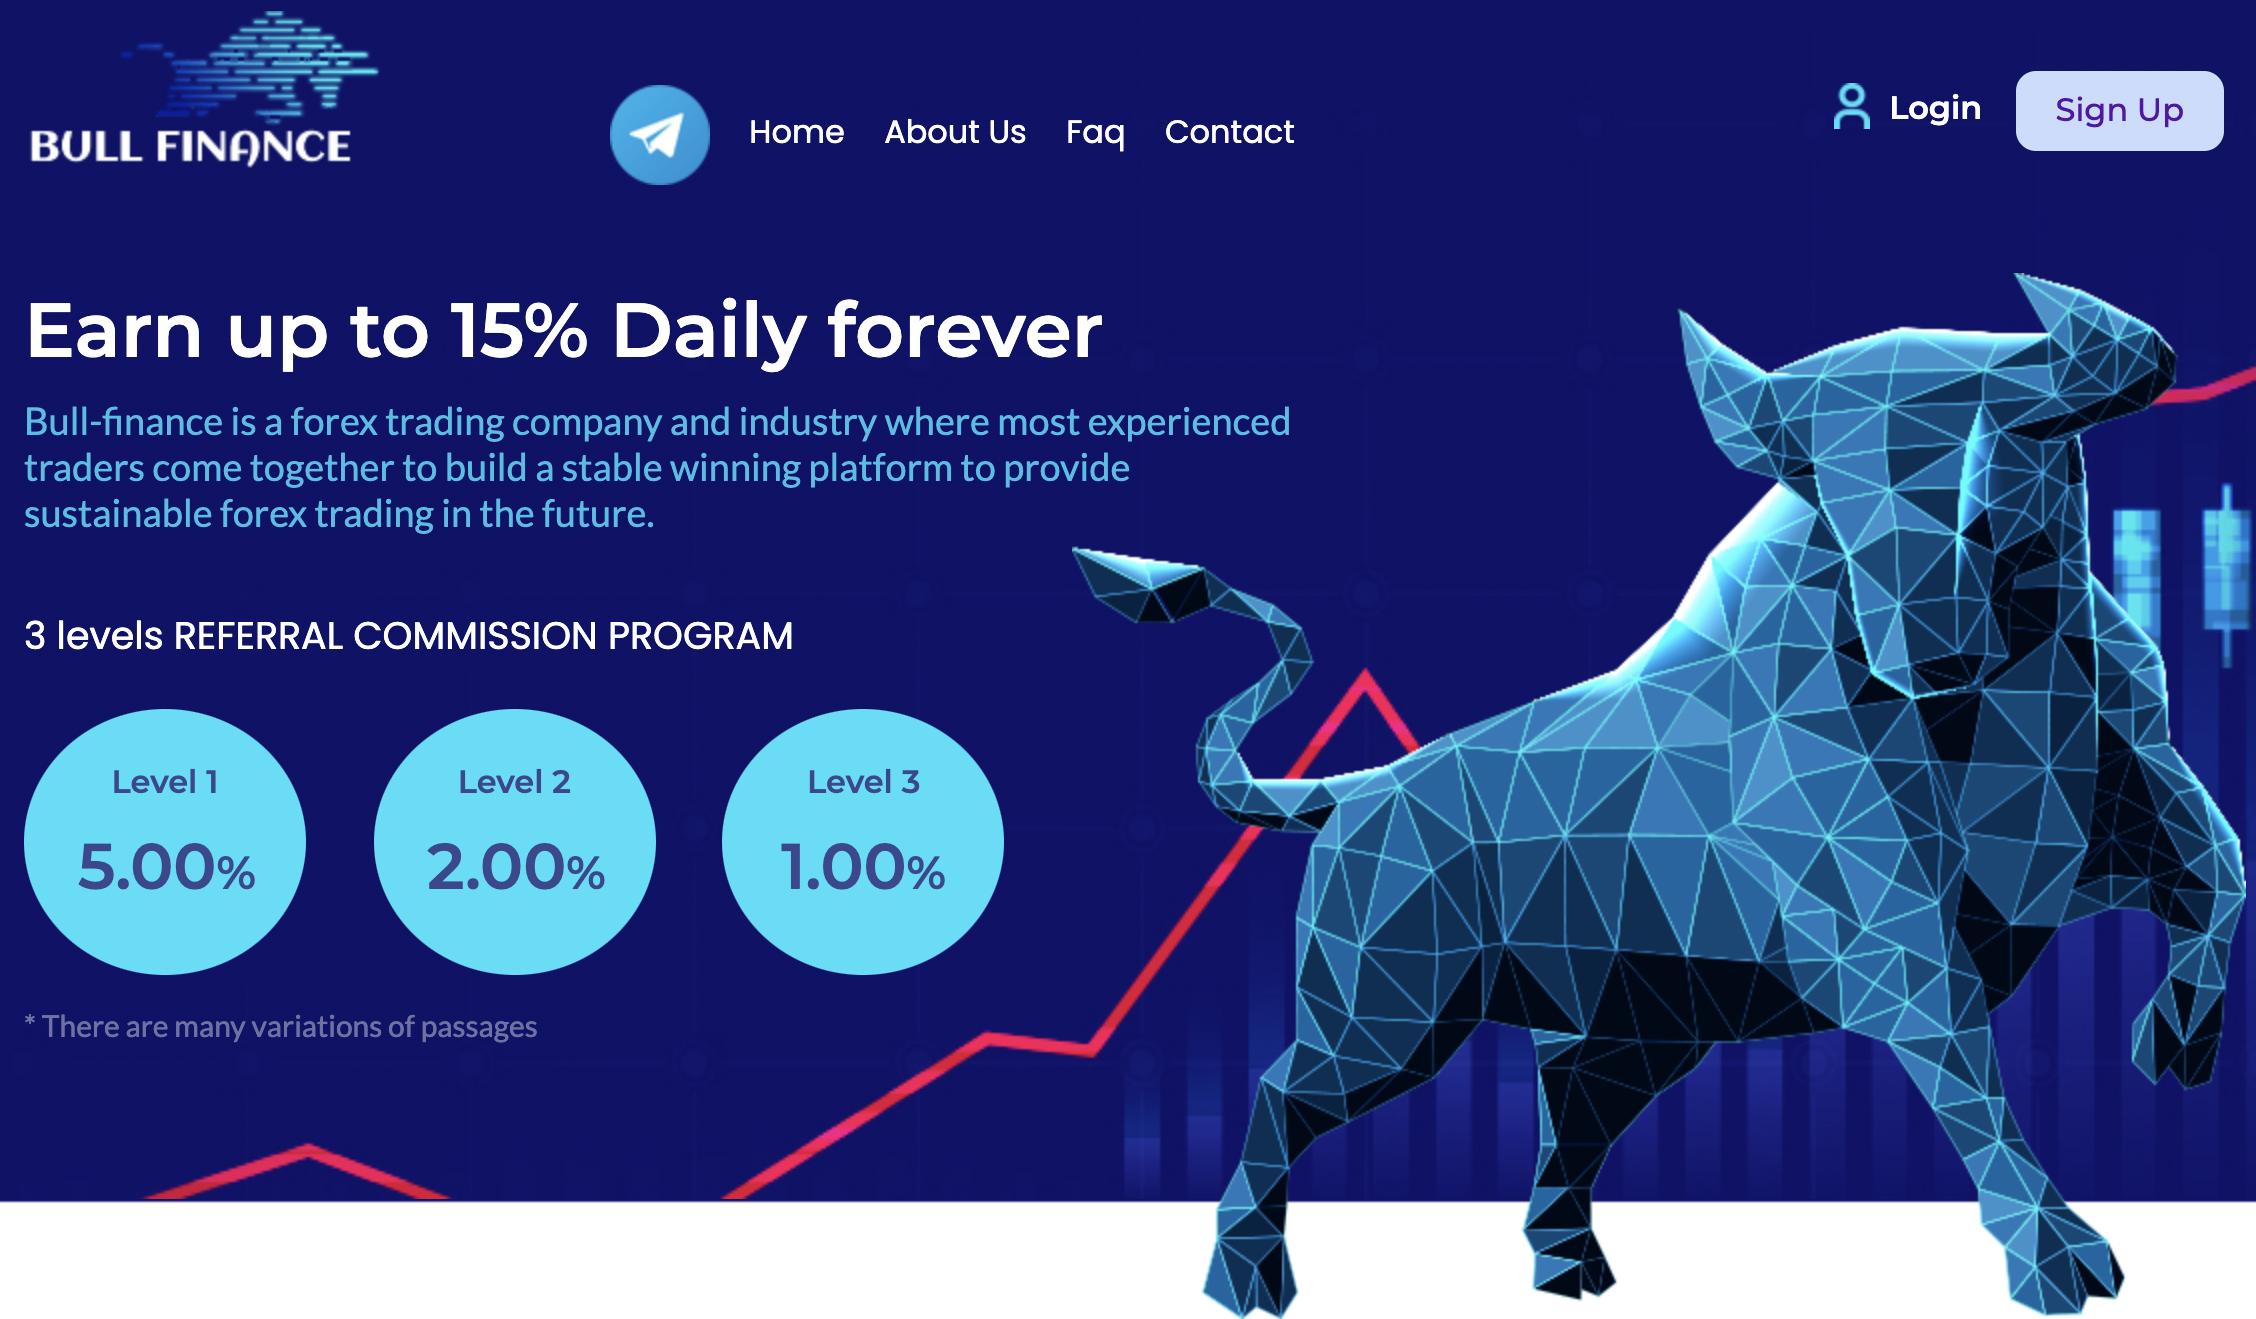 Bull Finance